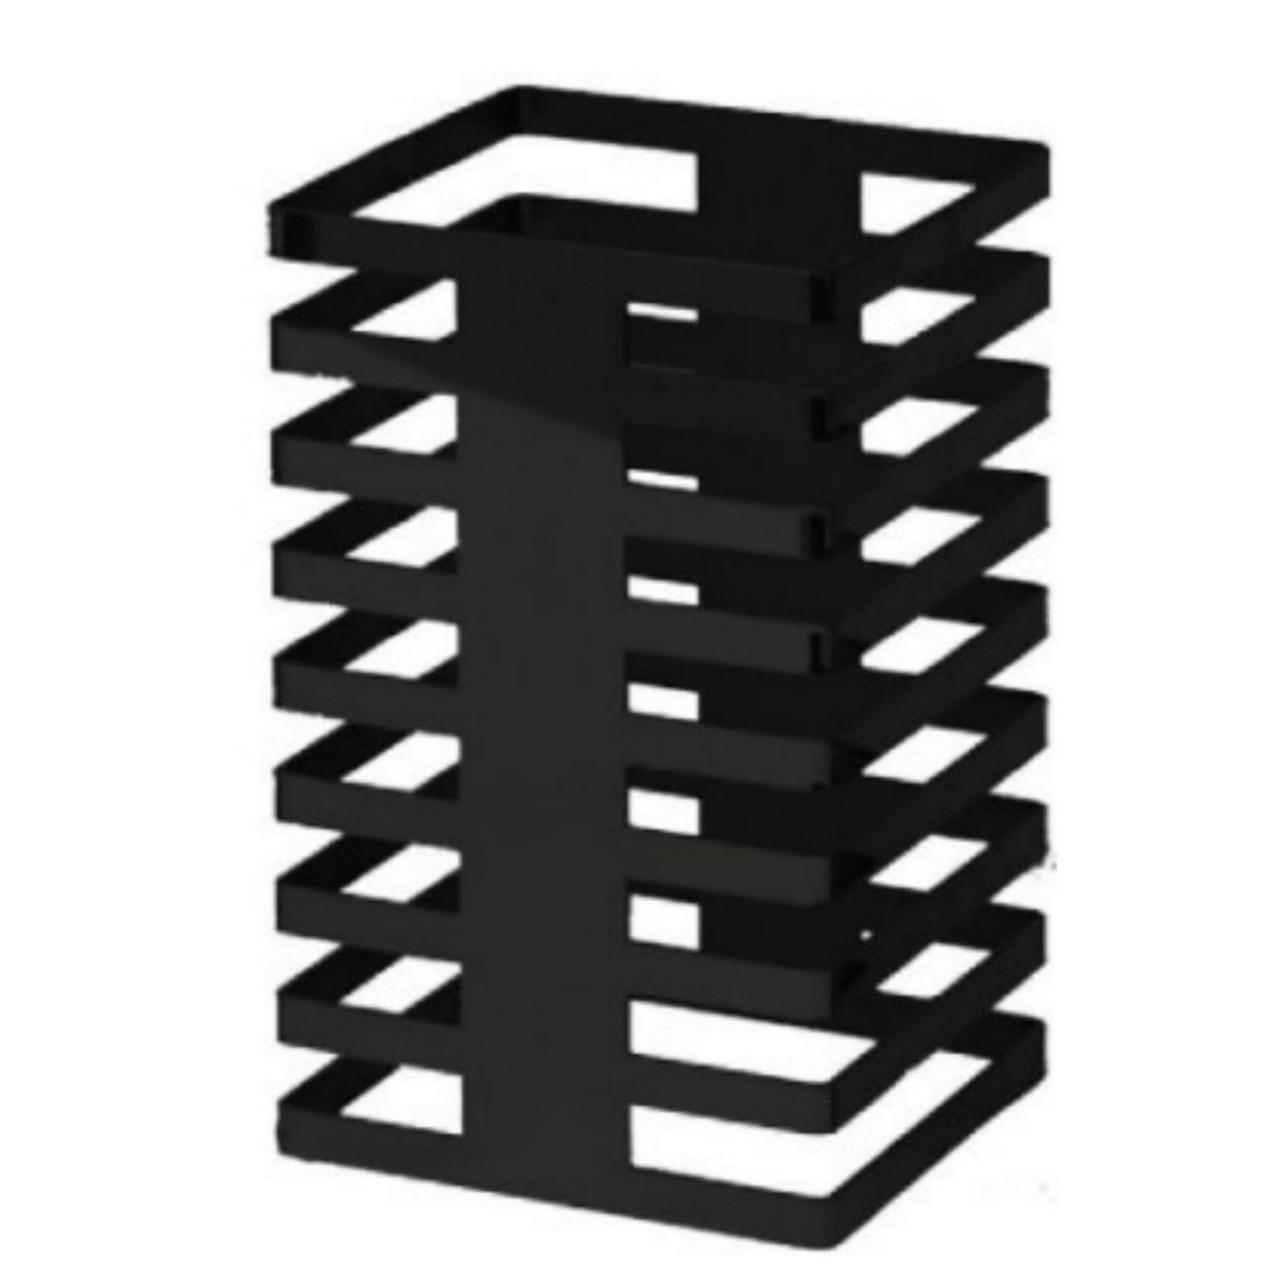 Abert Sloupek černý 34 cm